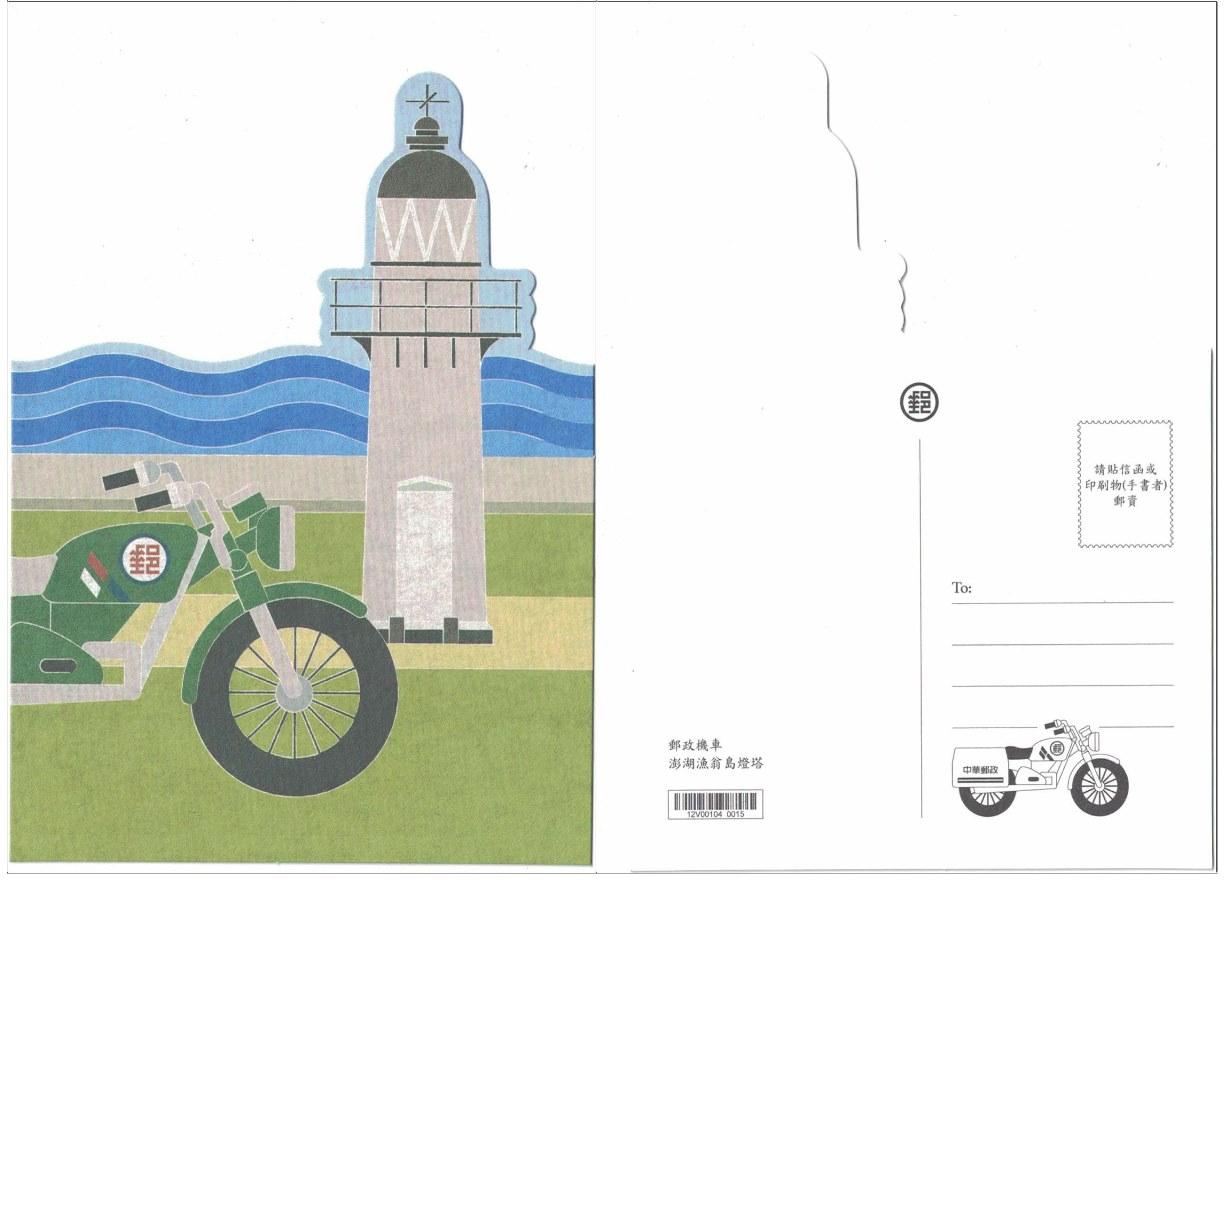 造型卡片-澎湖漁翁島燈塔